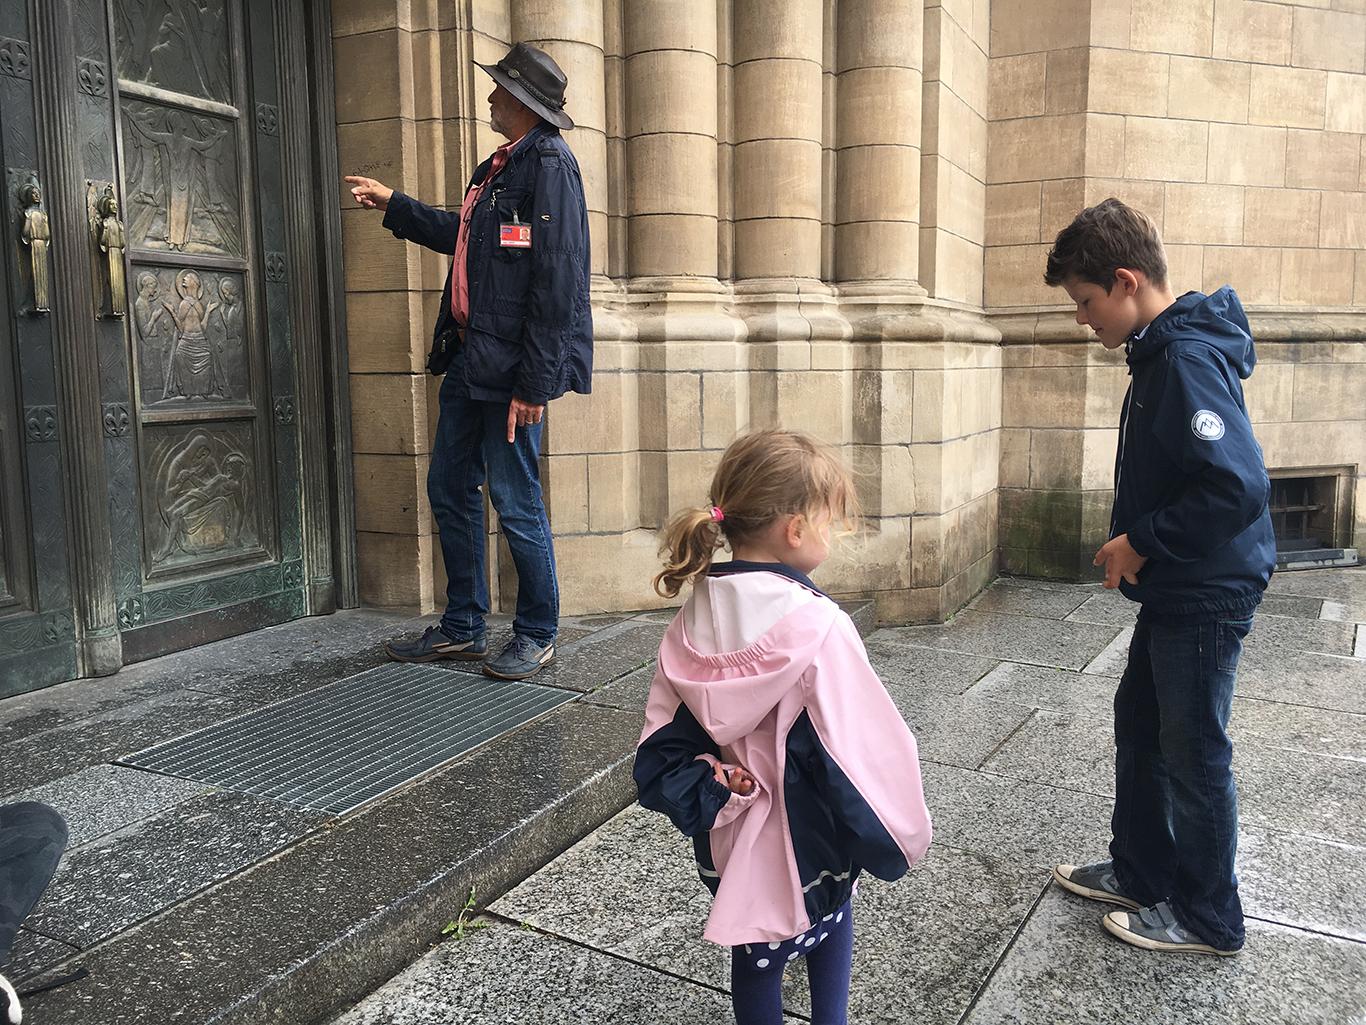 Op de deuren aan de achterzijde vinden we nog meer dieren tijdens onze stadswandeling door Luxemburg Stad met kinderen